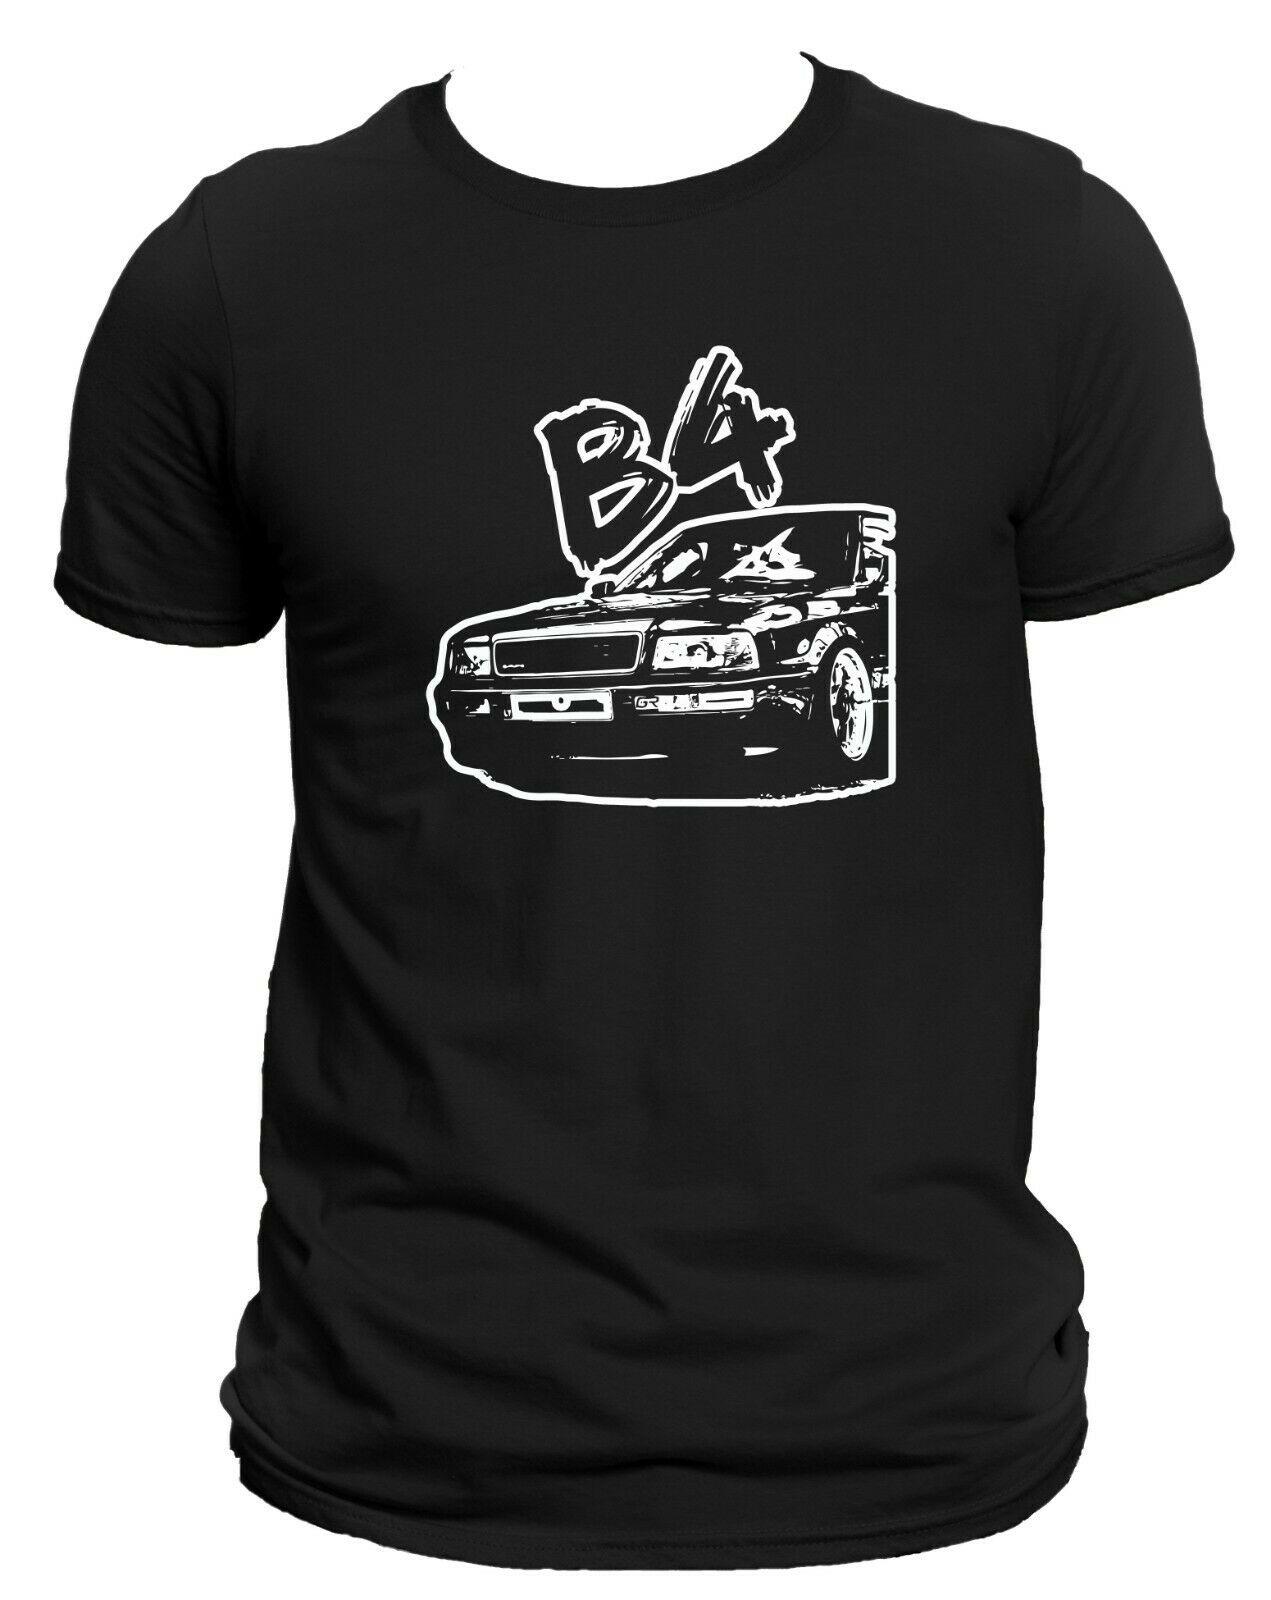 80 B4 футболка, новинка, DTG печать логотипа, рубашка с коротким рукавом, удивительный автомобиль, подарок, хлопок